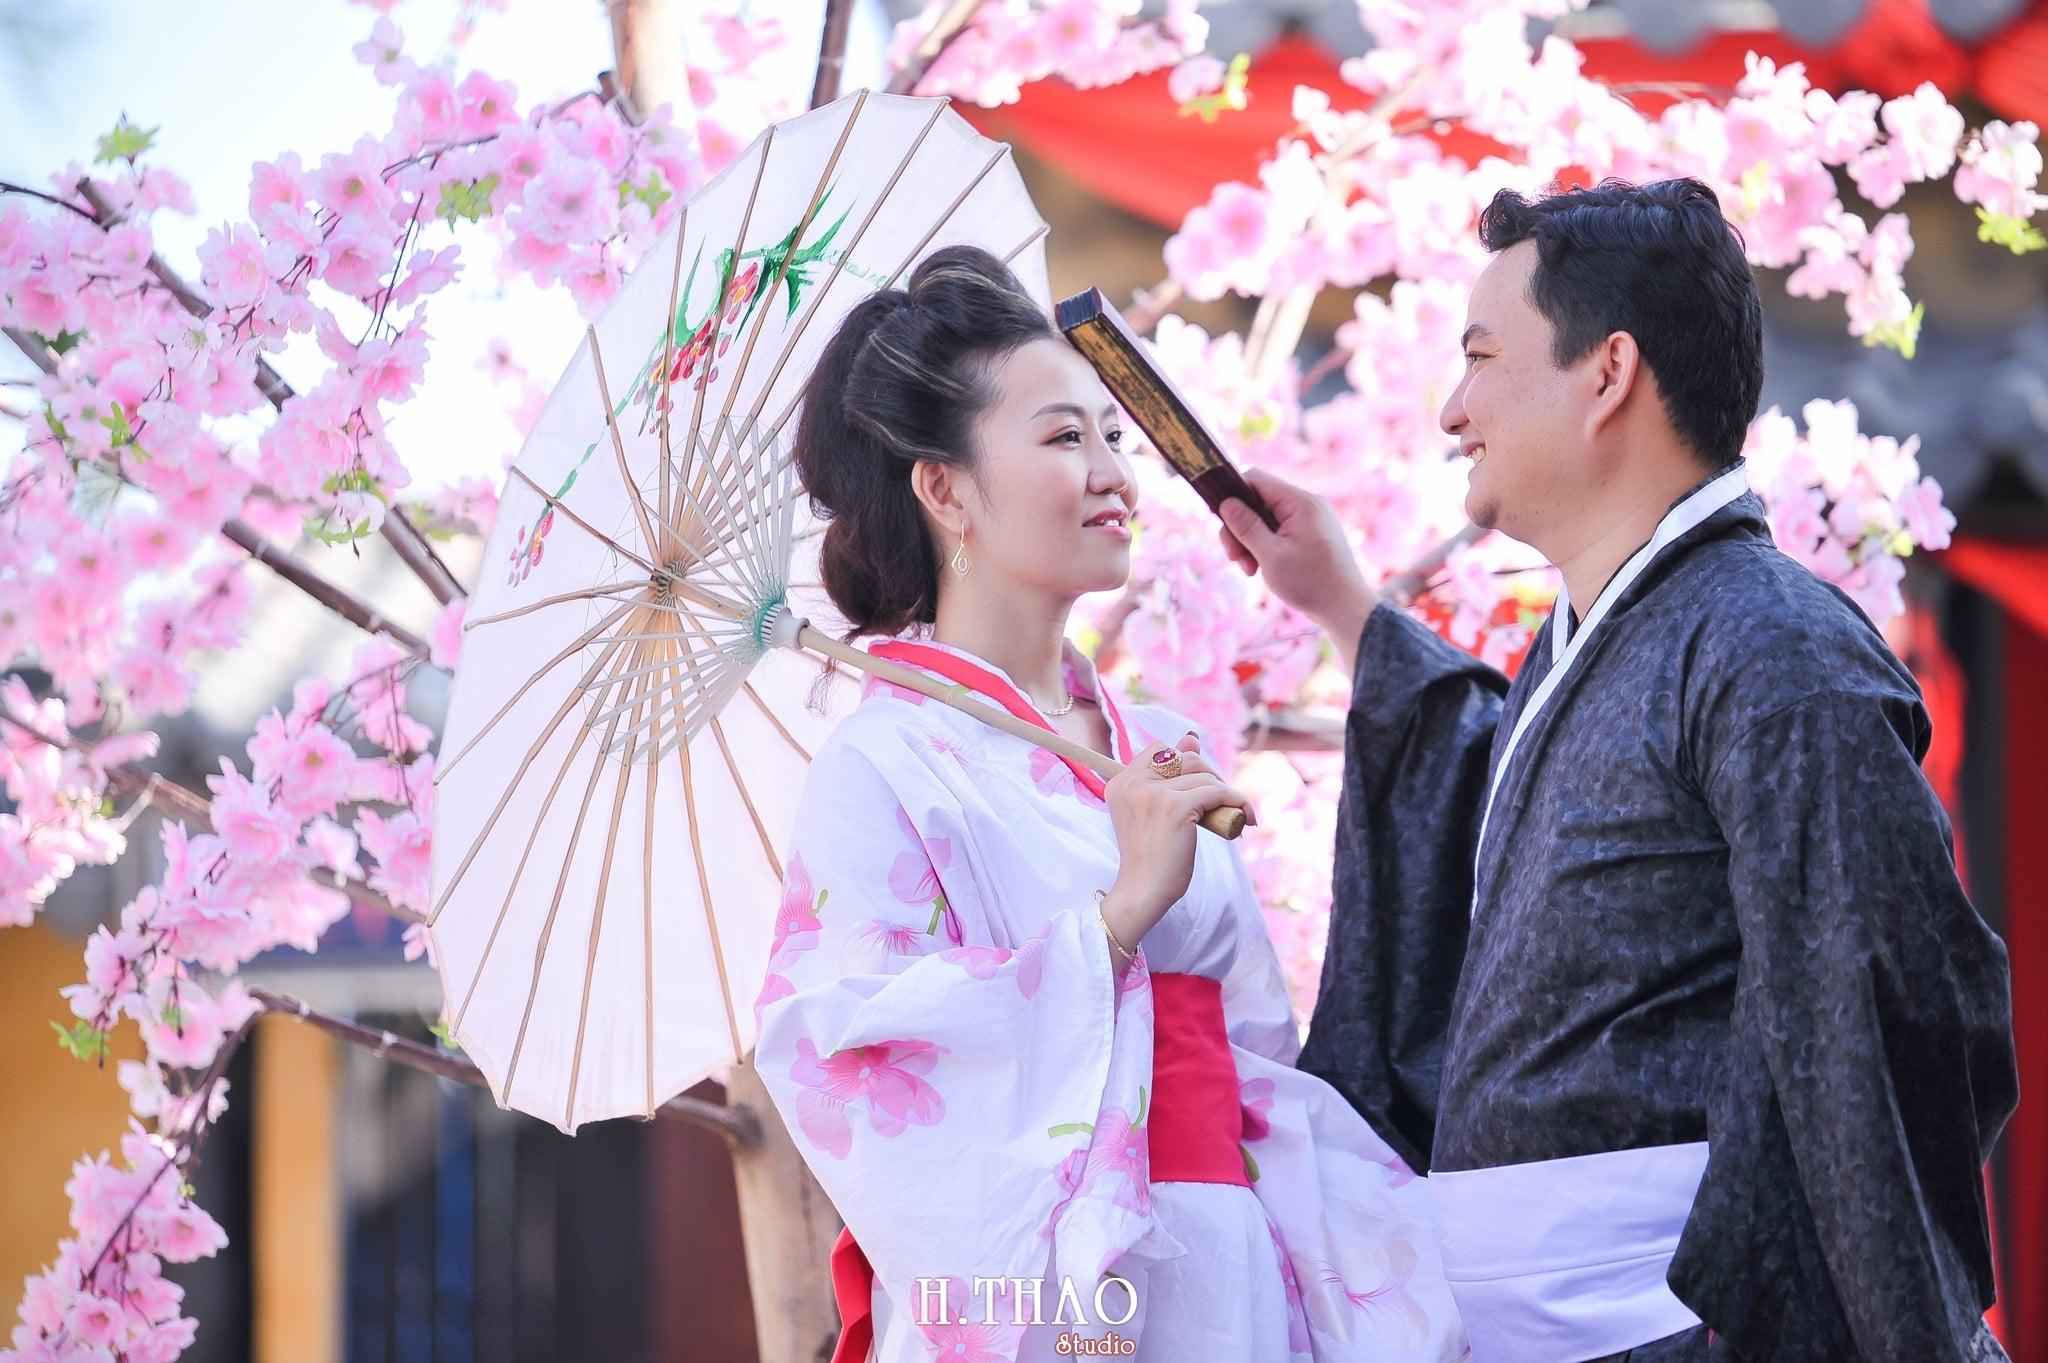 Anh chup voi Kimono 7 - Bộ ảnh couple chụp với Kimono theo phong cách Nhật Bản